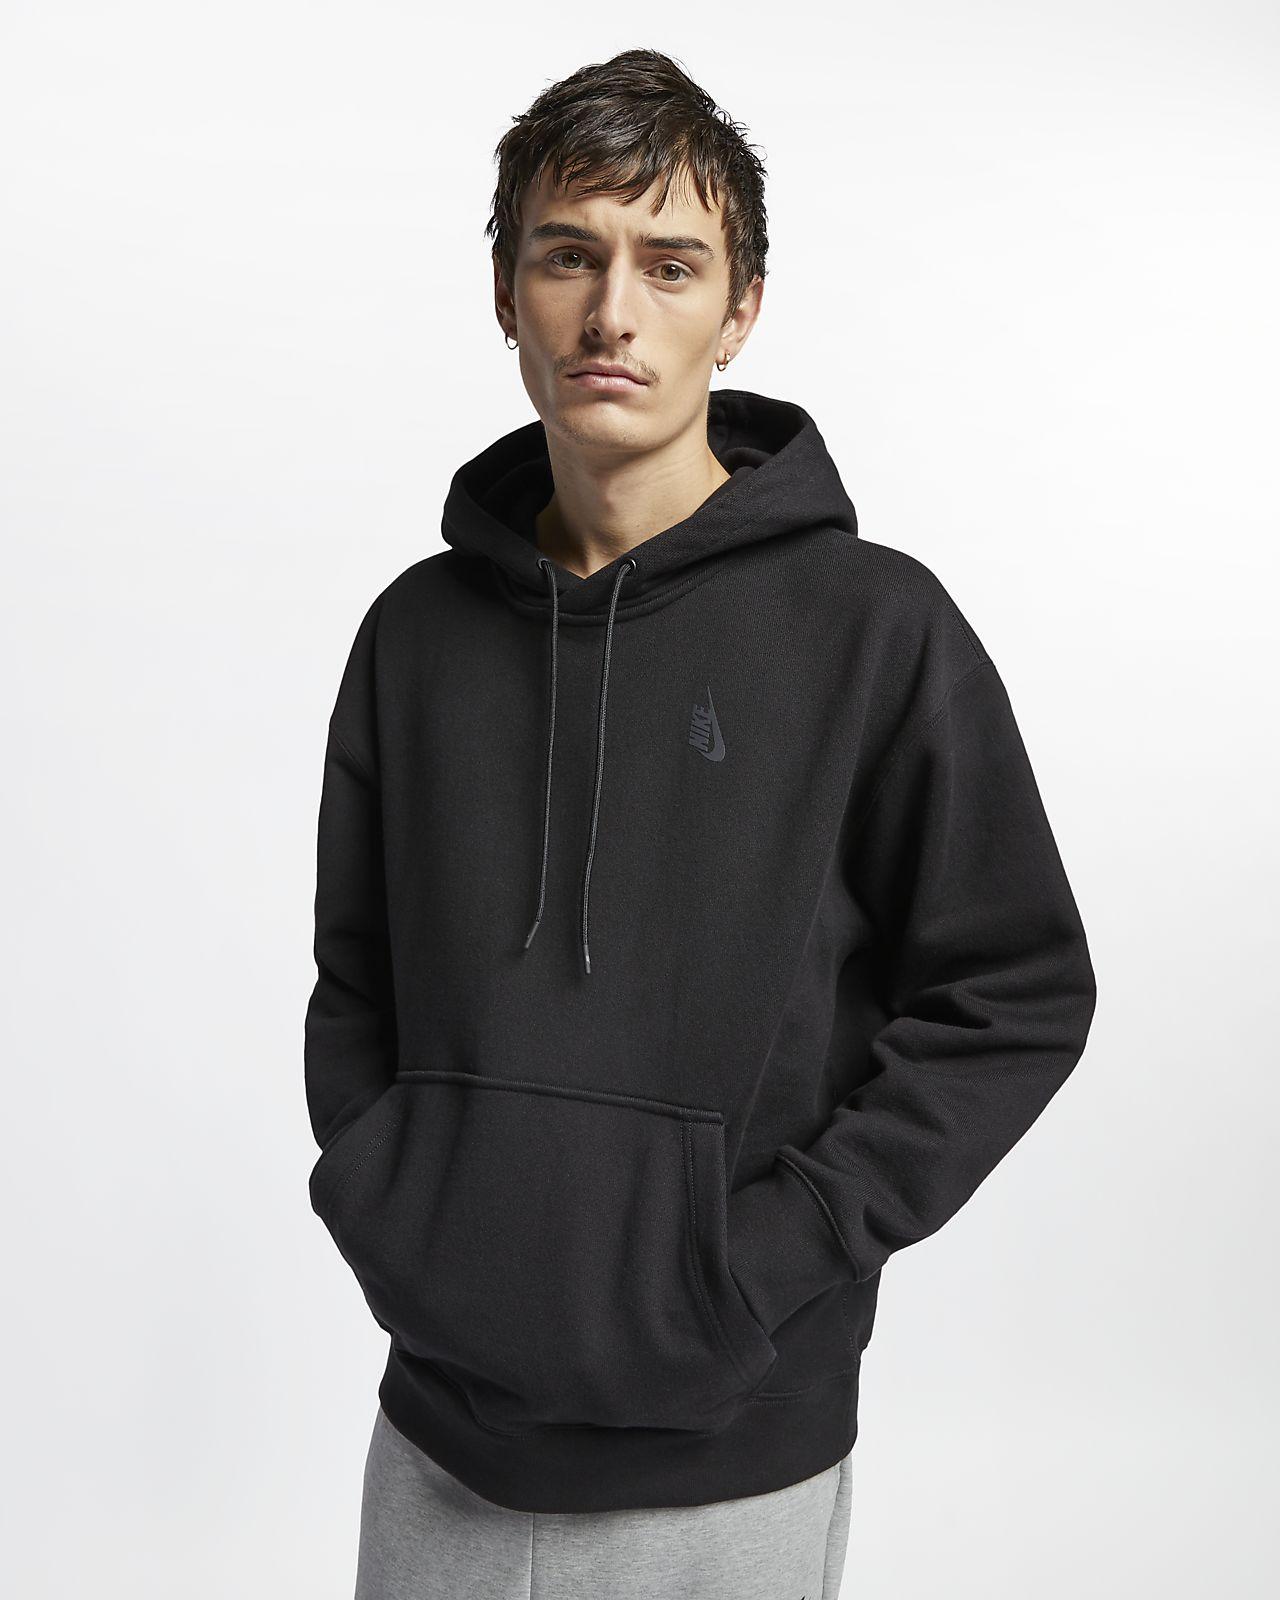 NikeLab Collection Men's Fleece Pullover Hoodie